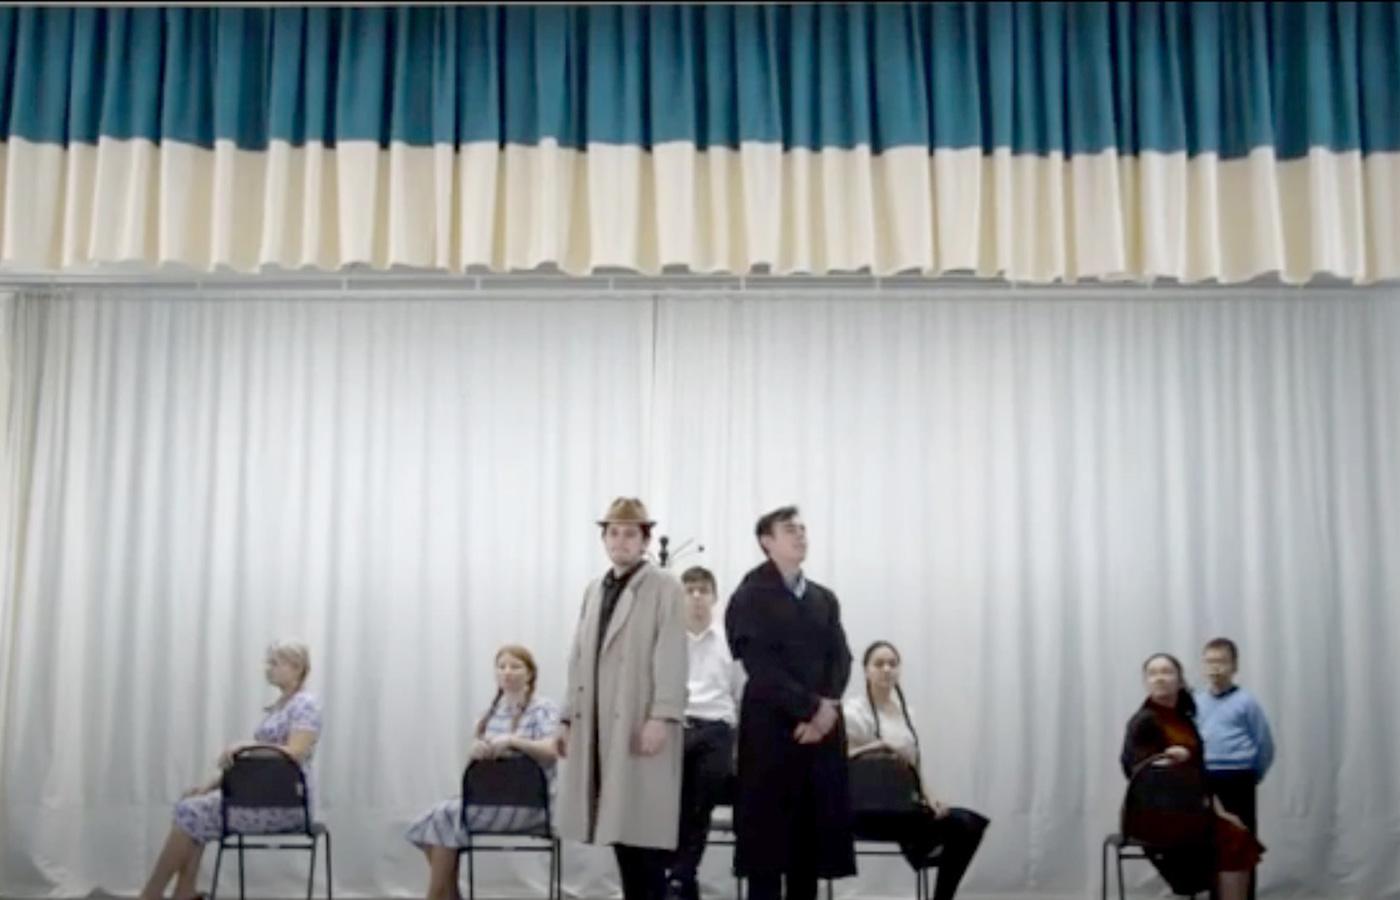 ВИДЕО: Спектакль-обращение о Герольде Бельгере: «И такая тебе открылась тогда истина»